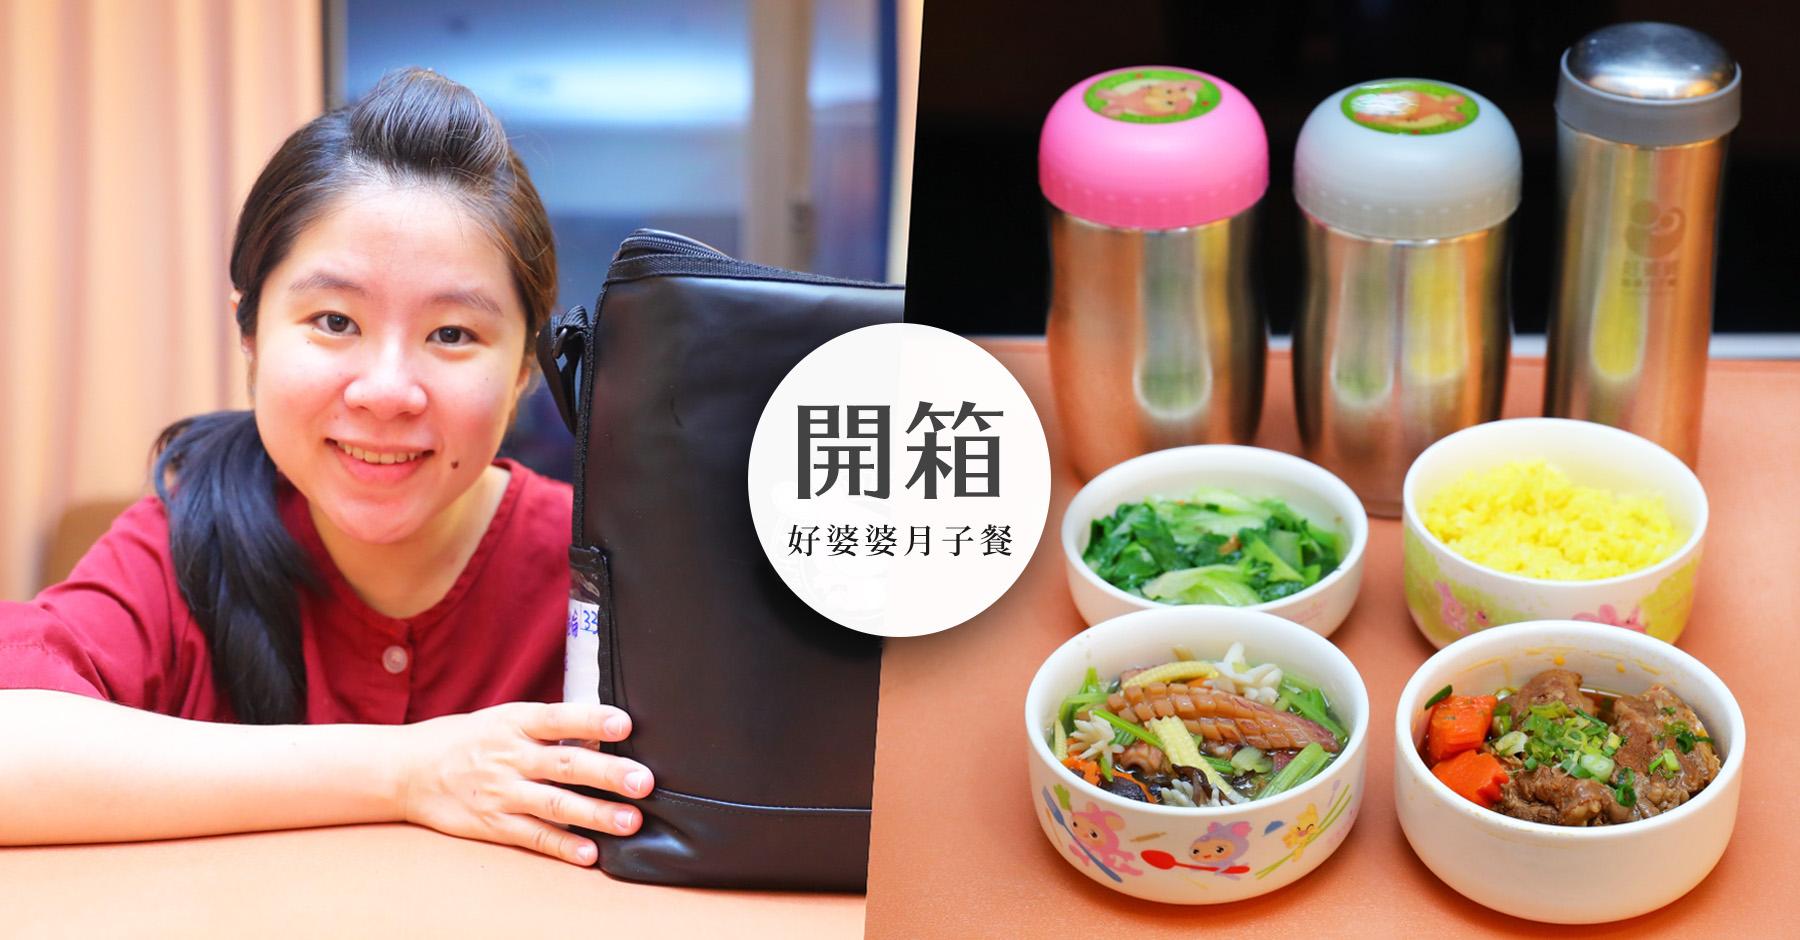 月子餐推薦|好婆婆月子餐|開箱第一週醫院月子餐價格多少錢外送菜單菜色食譜